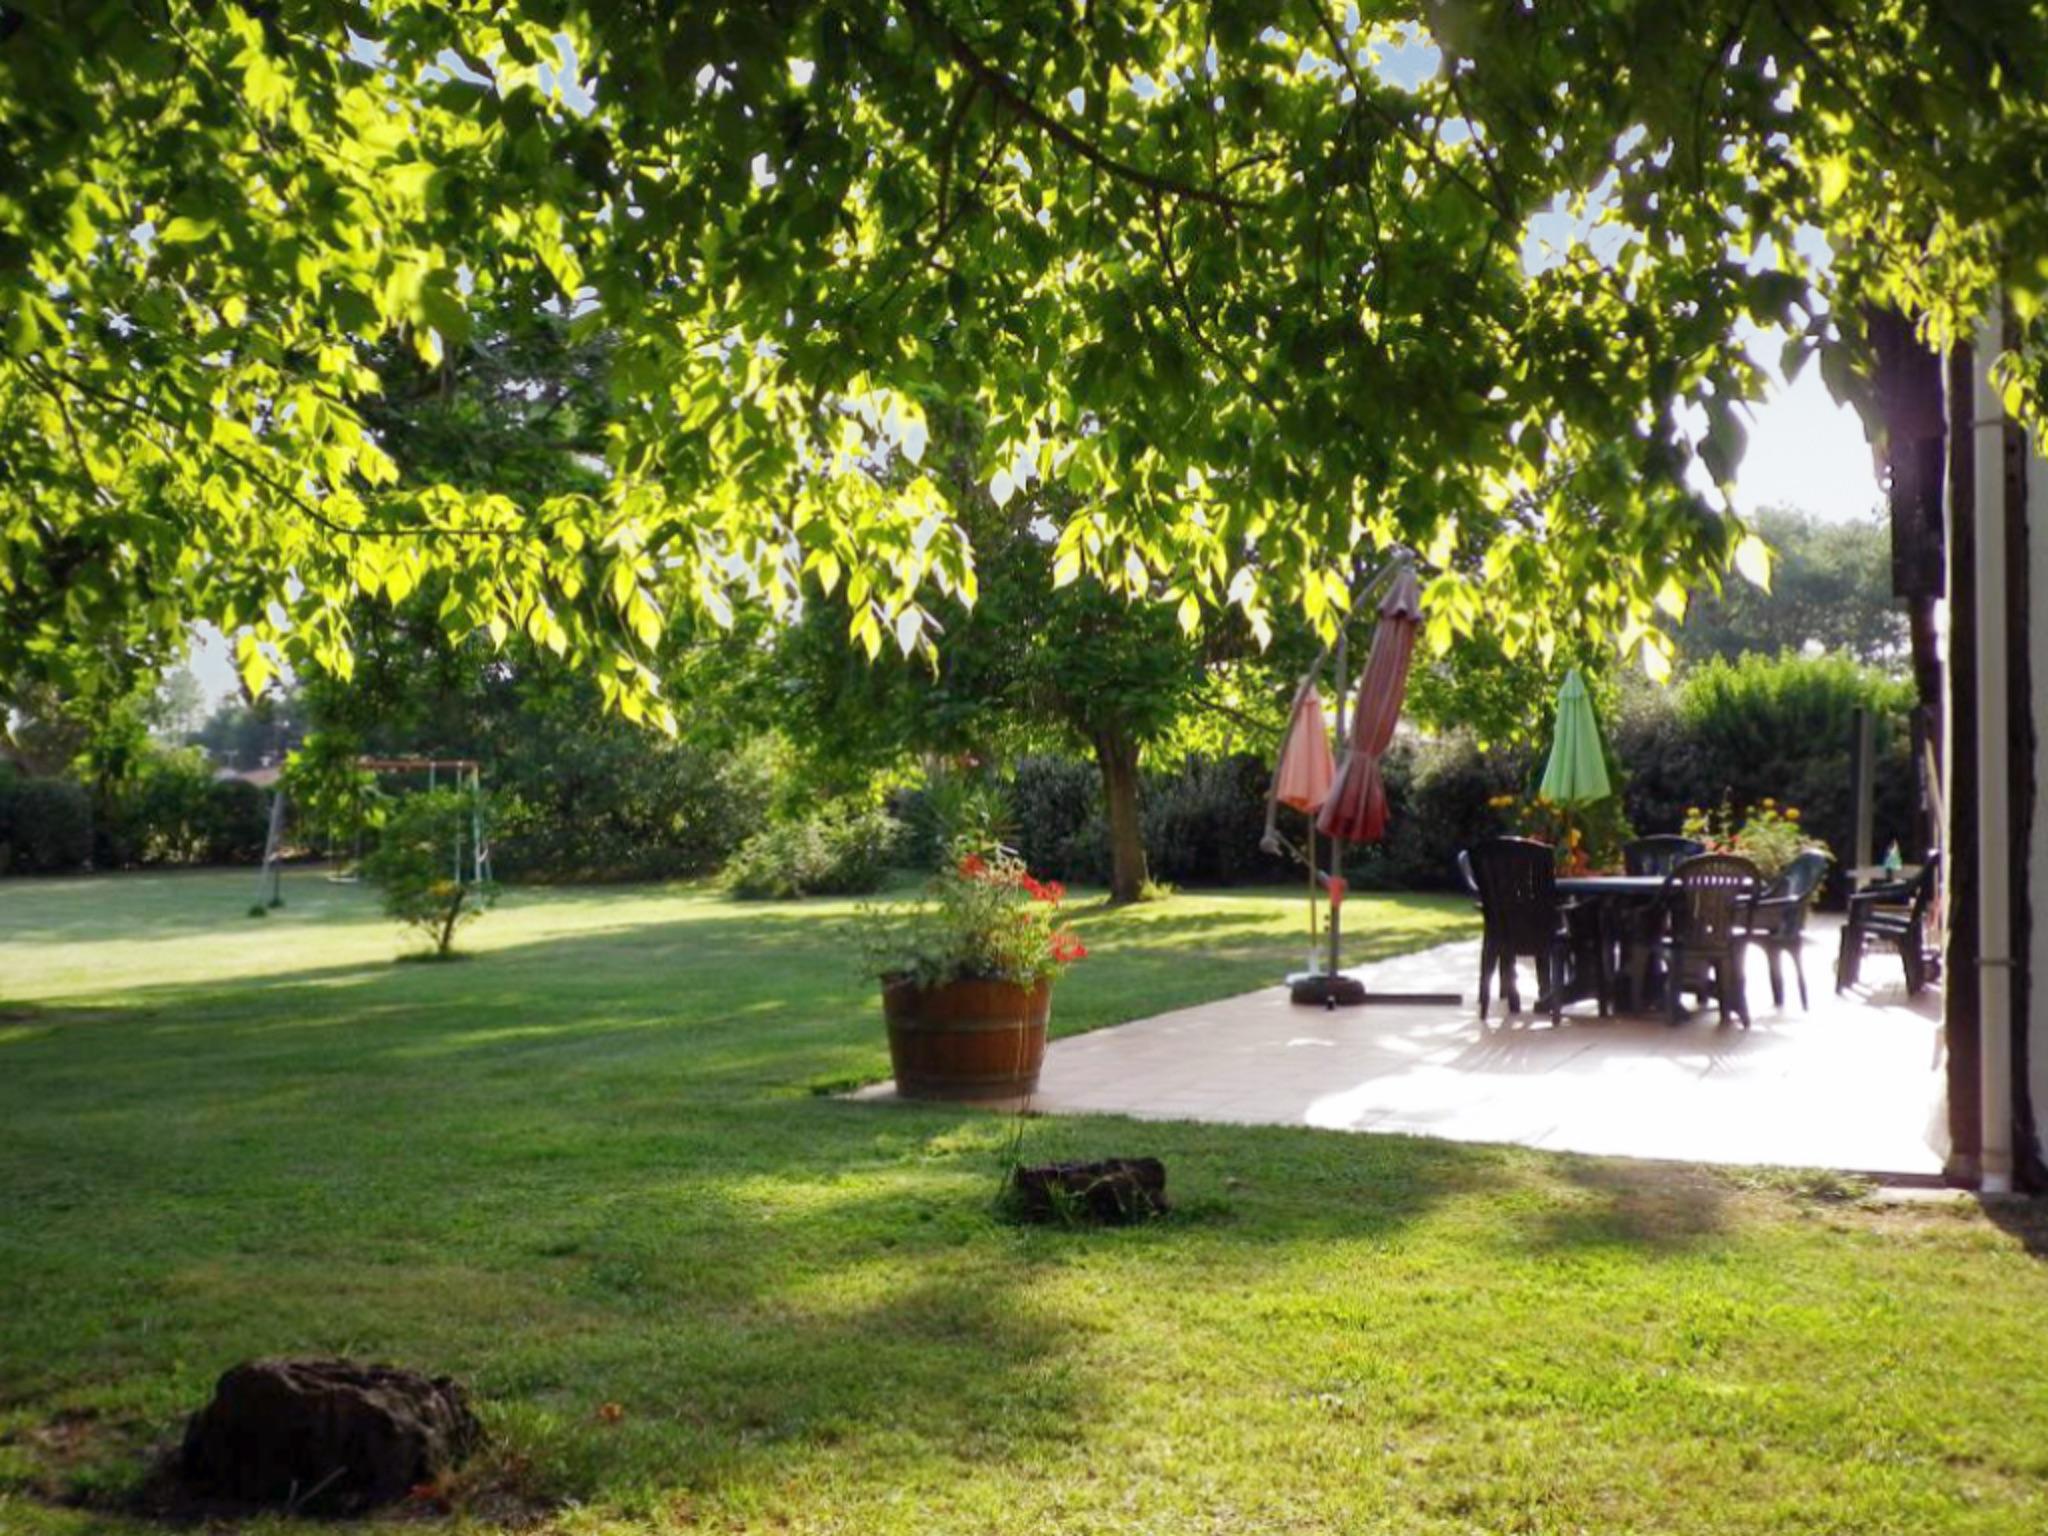 Ferienhaus Villa mit 4 Zimmern in Trensacq mit privatem Pool und möbliertem Garten - 45 km vom Strand (2202366), Trensacq, Landes, Aquitanien, Frankreich, Bild 32